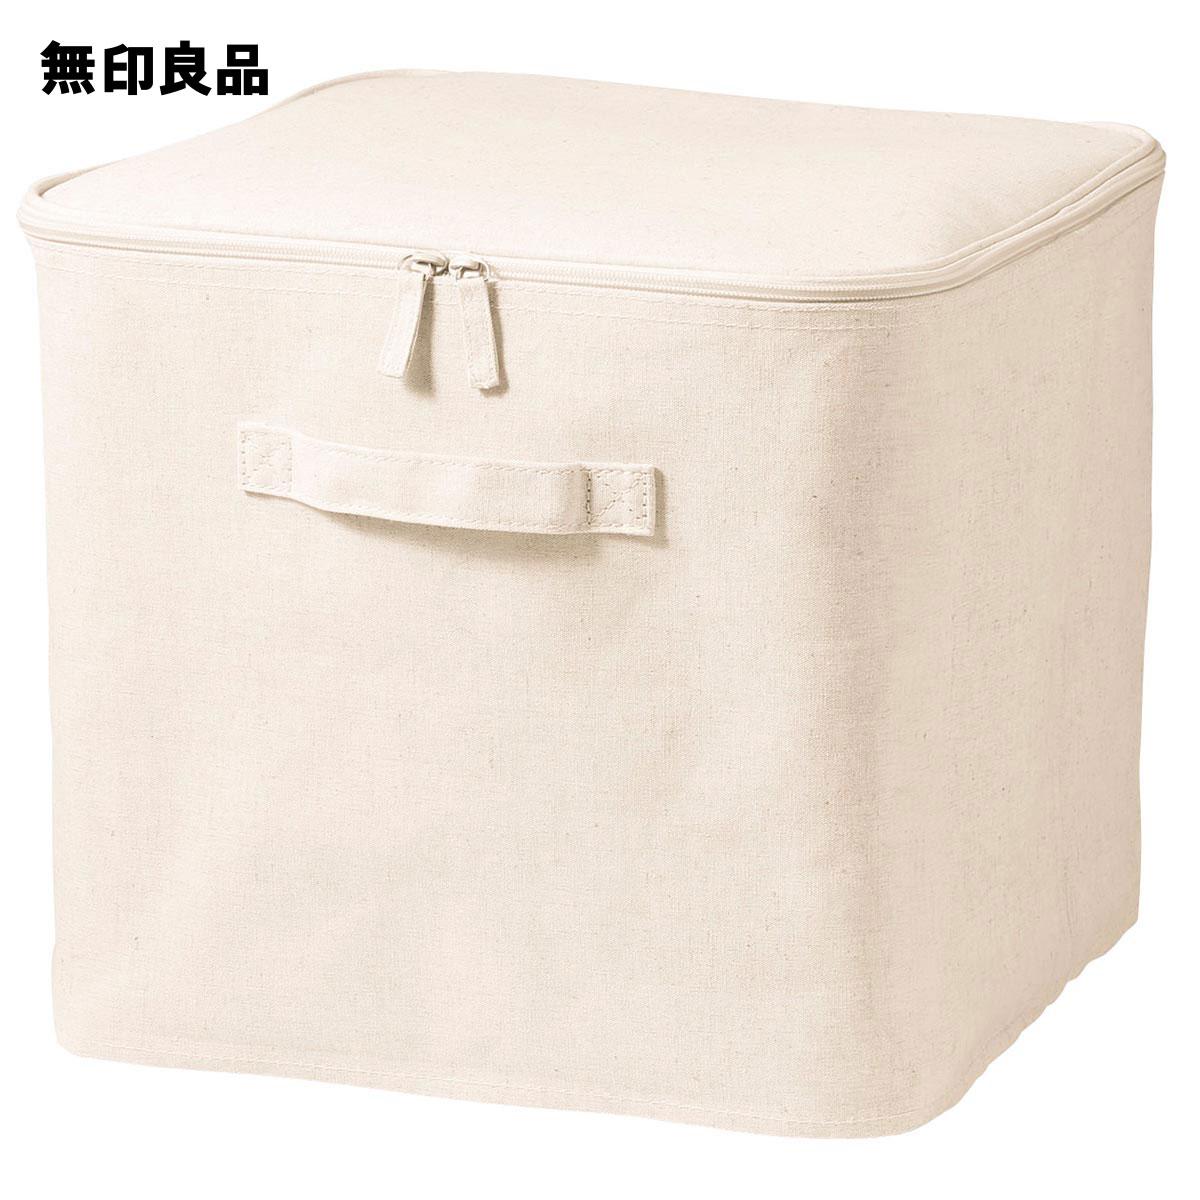 【無印良品 公式】 ポリエステル綿麻混・ソフトボックス・フタ式・Lの写真